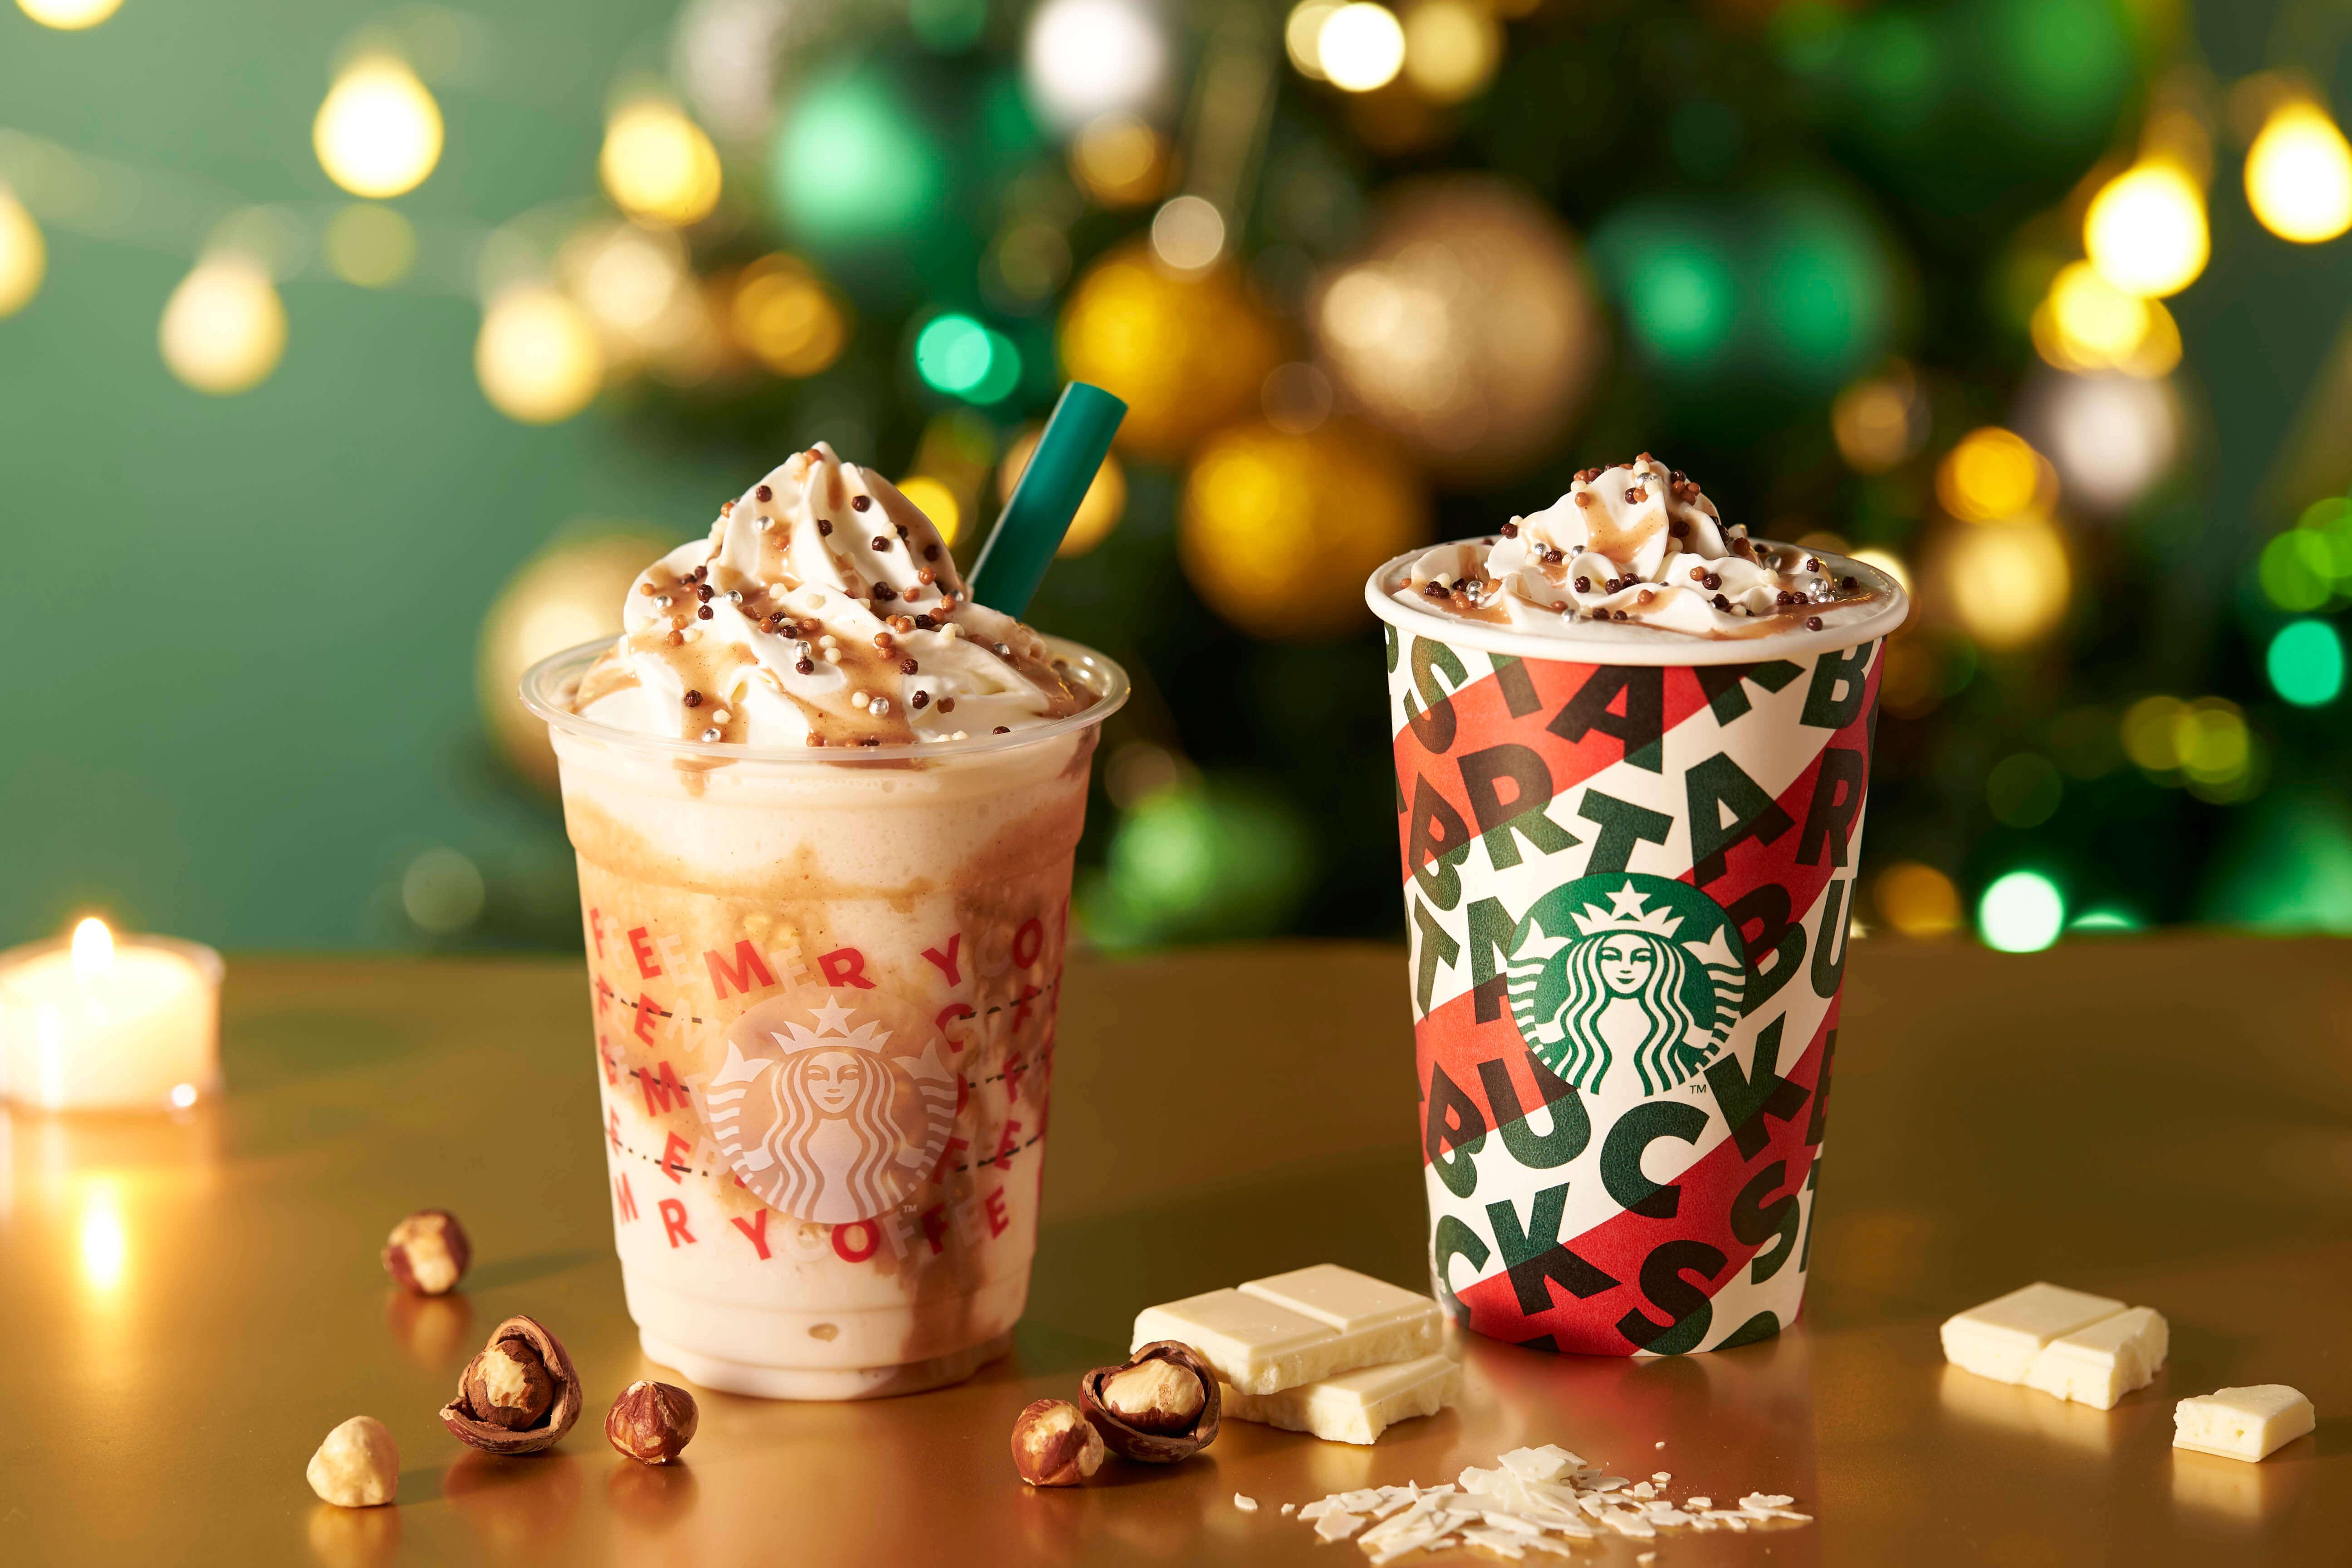 スターバックス Starbucks 「ナッティ_ホワイト_チョコレート_フラペチーノ(R)」「ナッティ_ホワイト_モカ」